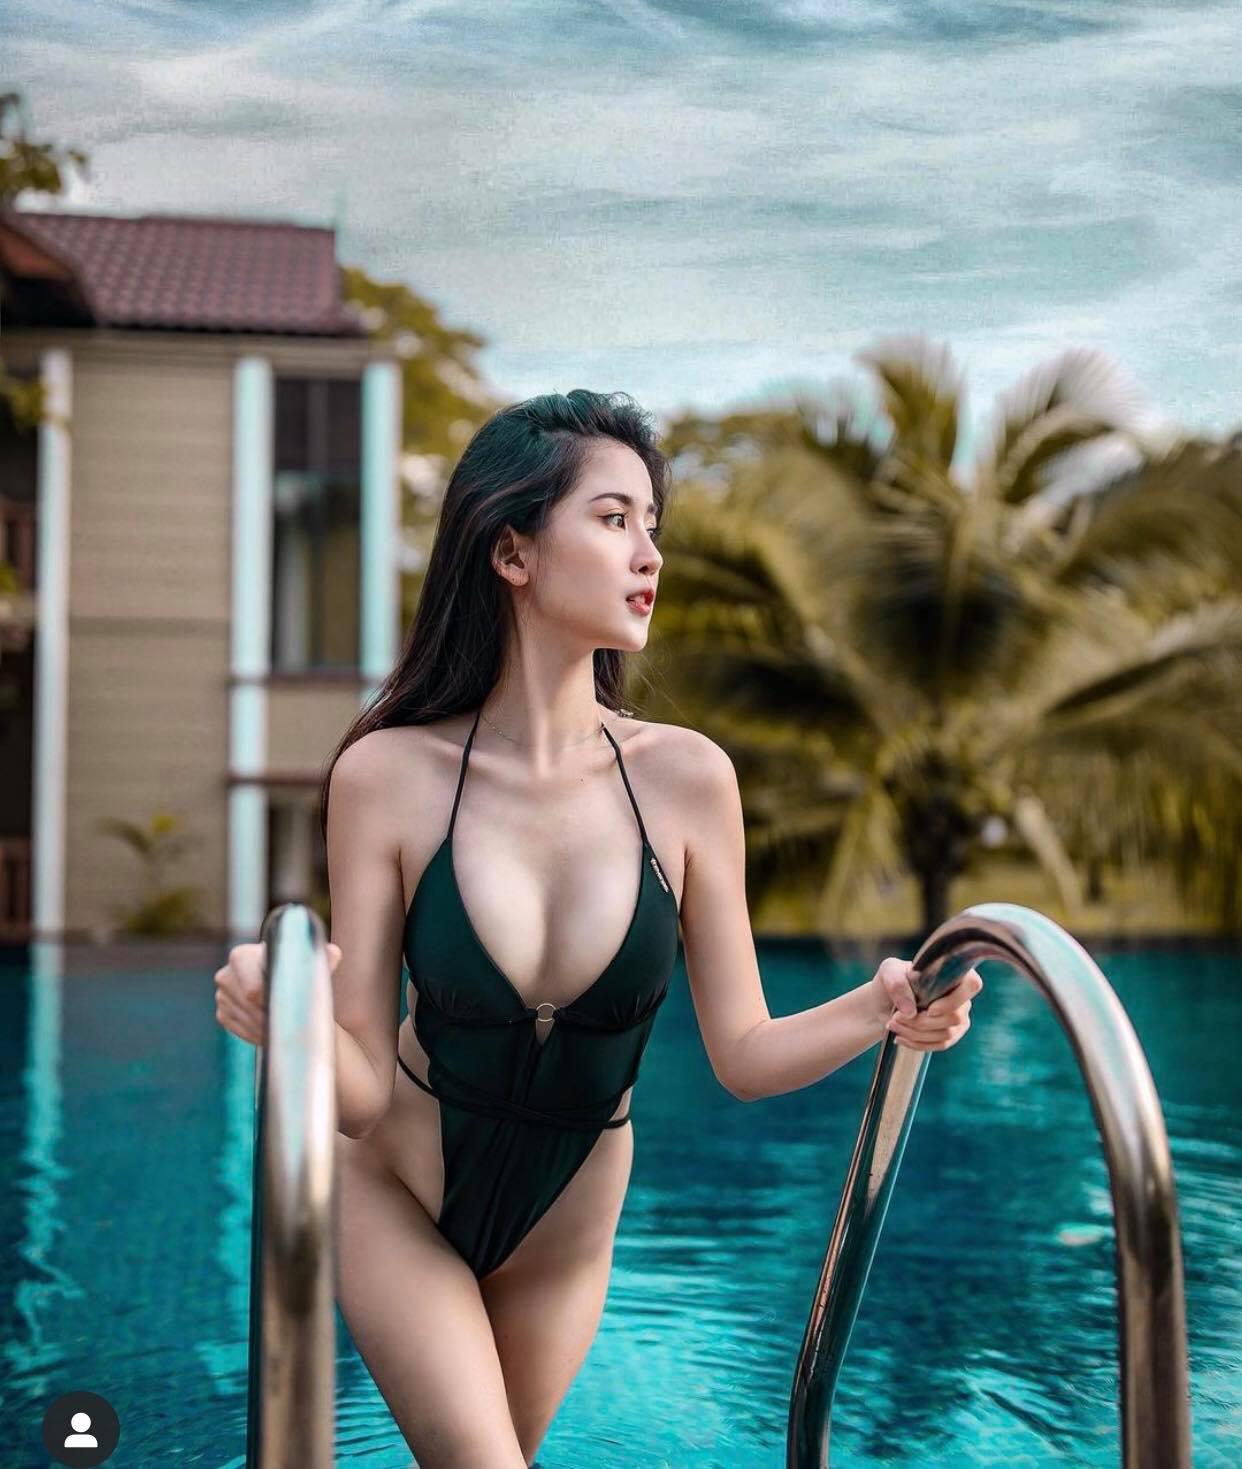 Mỹ nhân châu Á dùng lá chuối làm áo ngực, đẹp ảo diệu mà không phô - 1